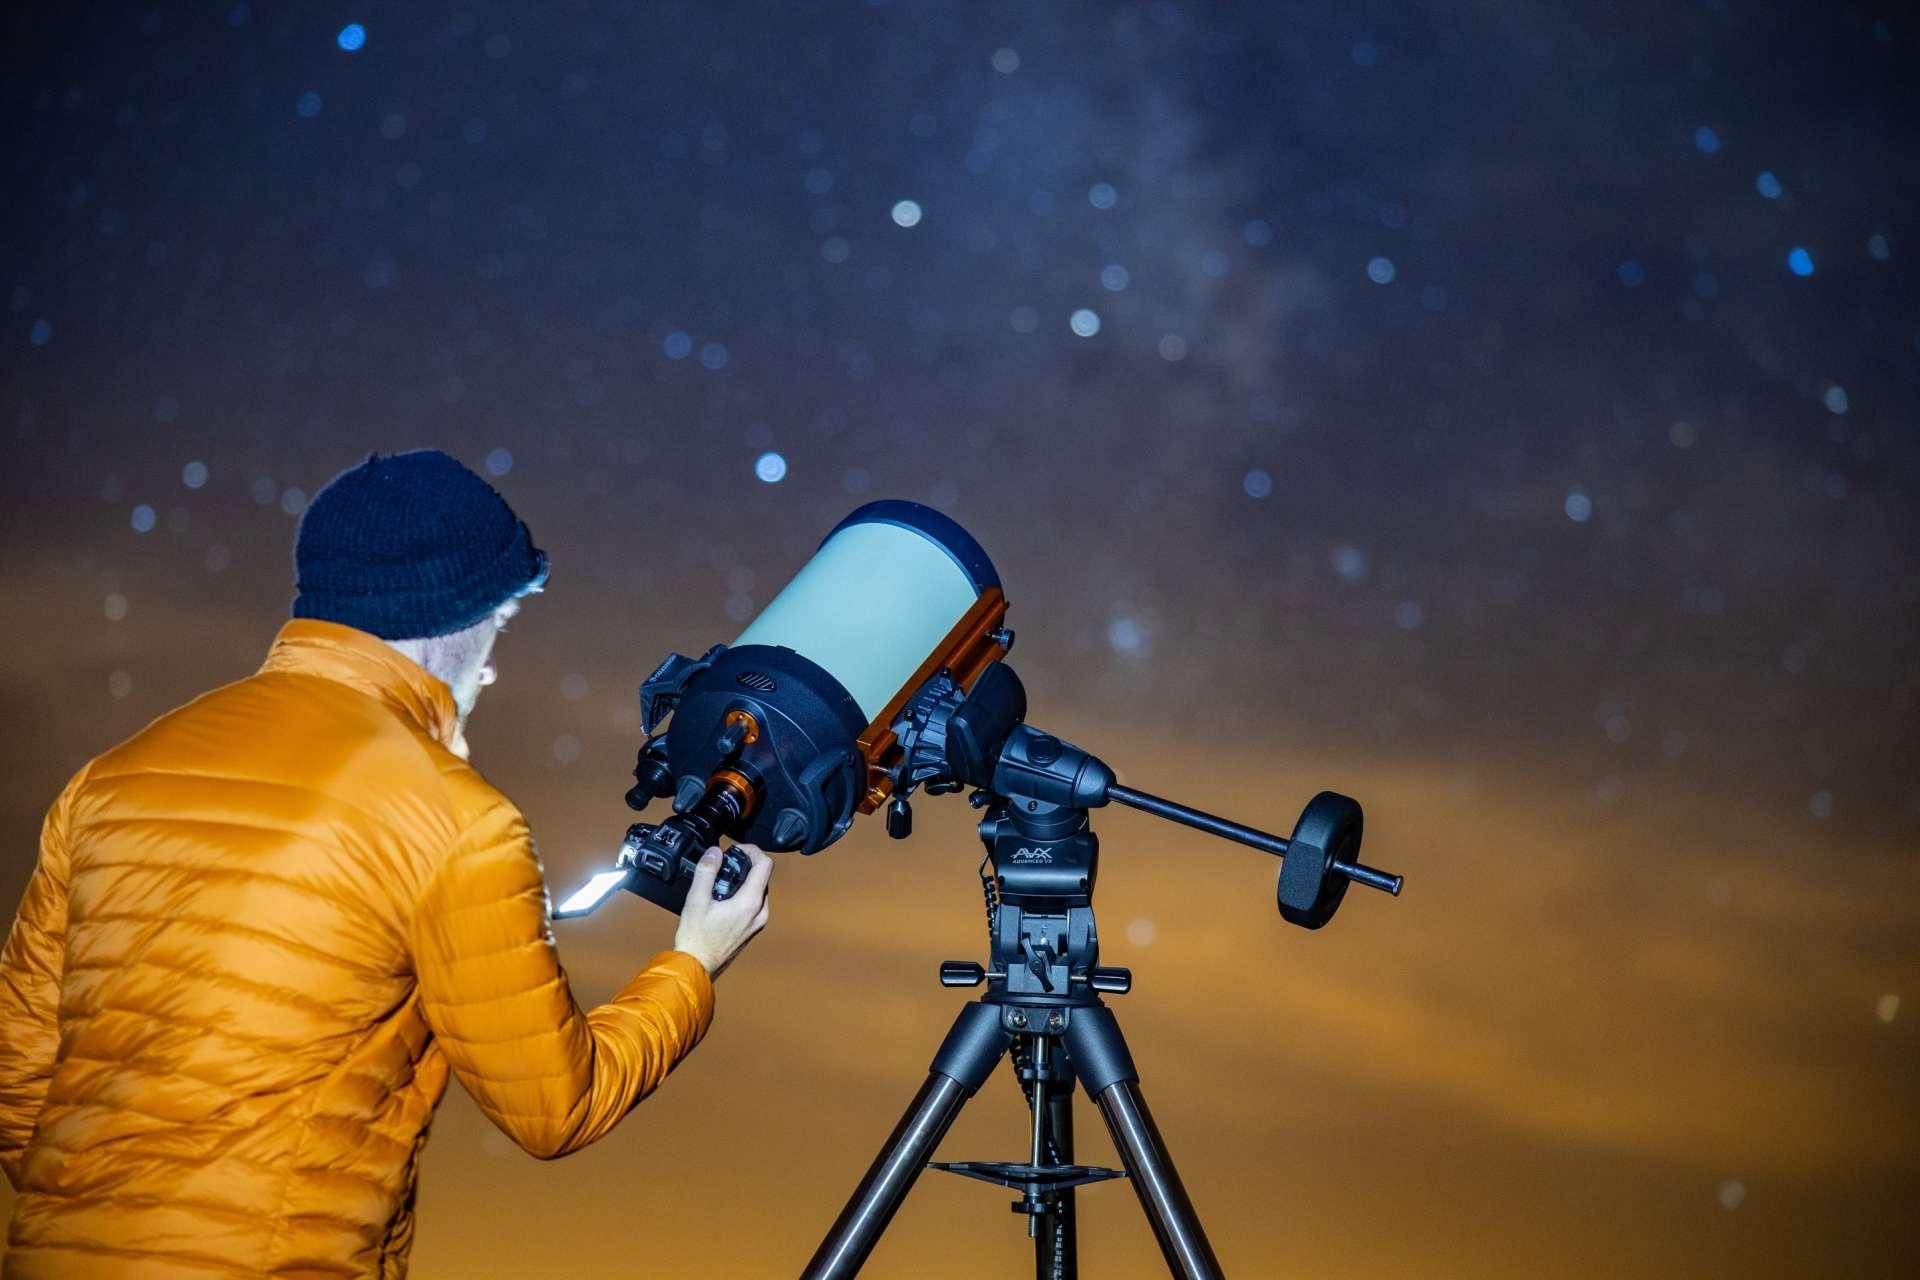 Le Canon EOS Ra peut se fixer à un télescope pour des temps d'exposition relativement longs. © Courtesy of Canon